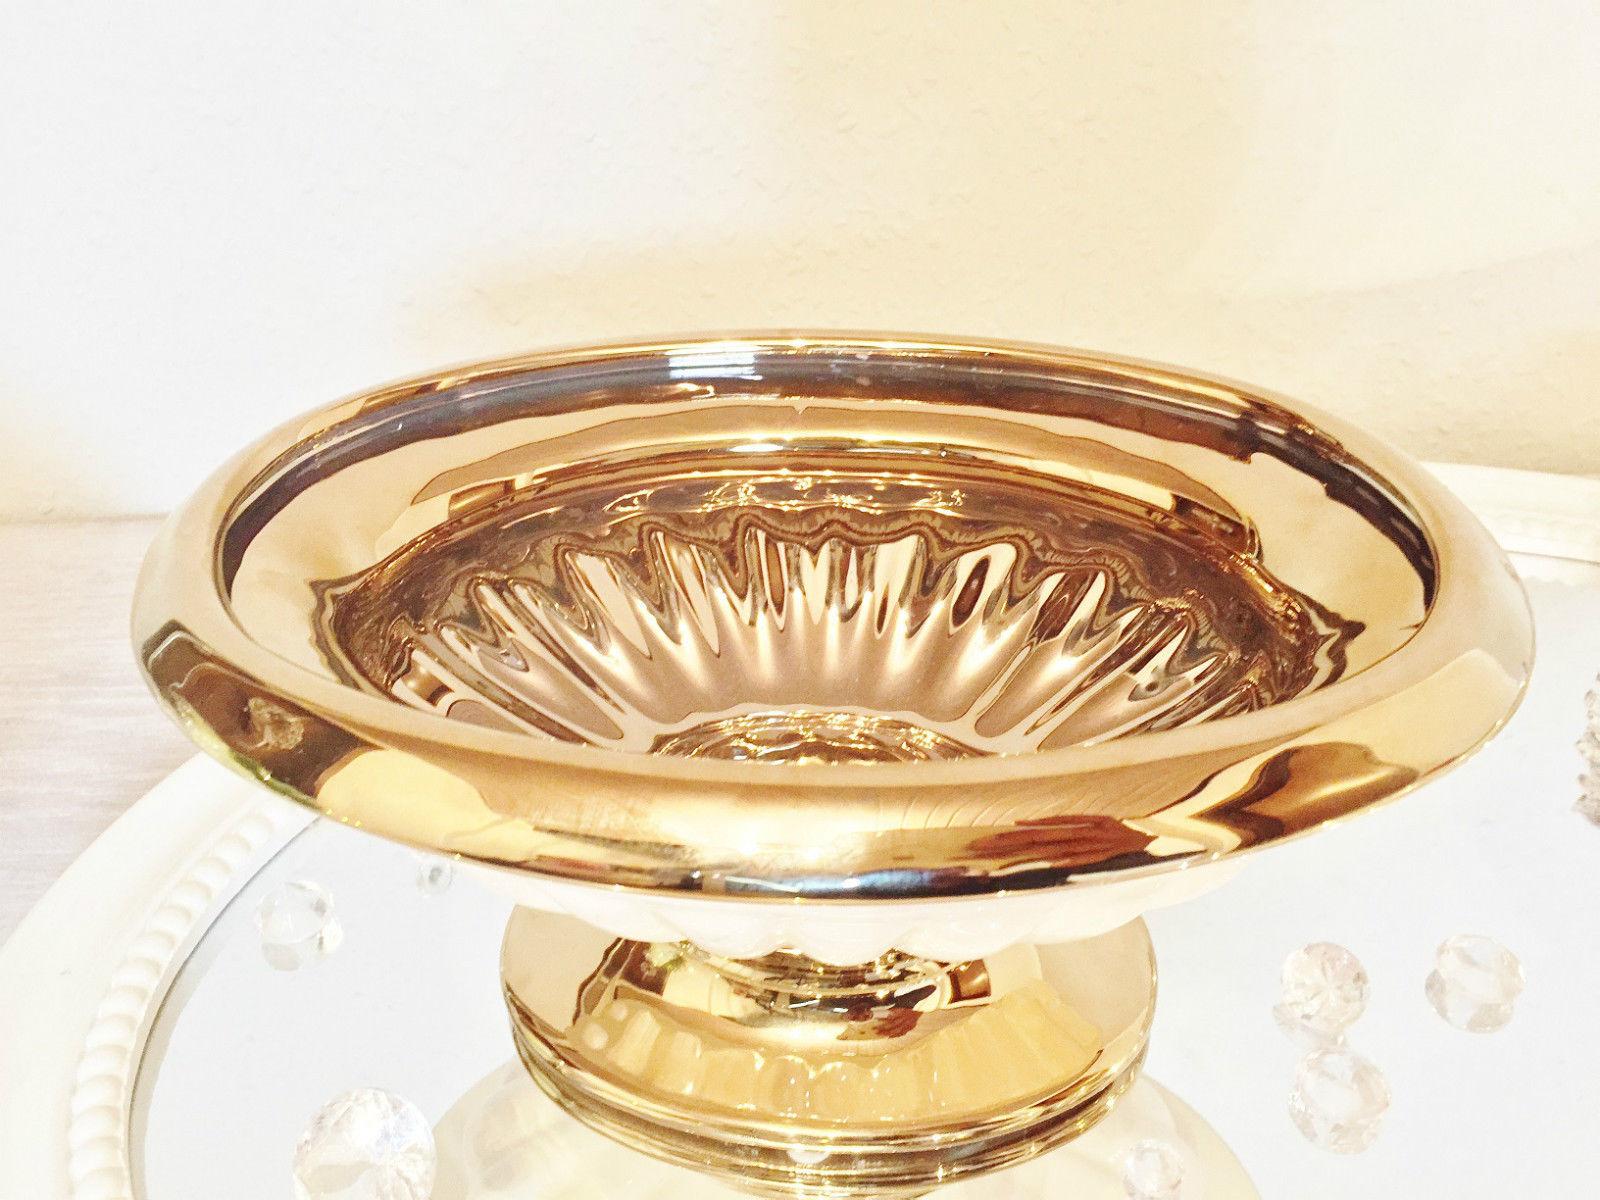 Dekoschale gold tablett hollnder dekoschale goldschwarz dekoration with dekoschale gold - Dekoteller gold ...